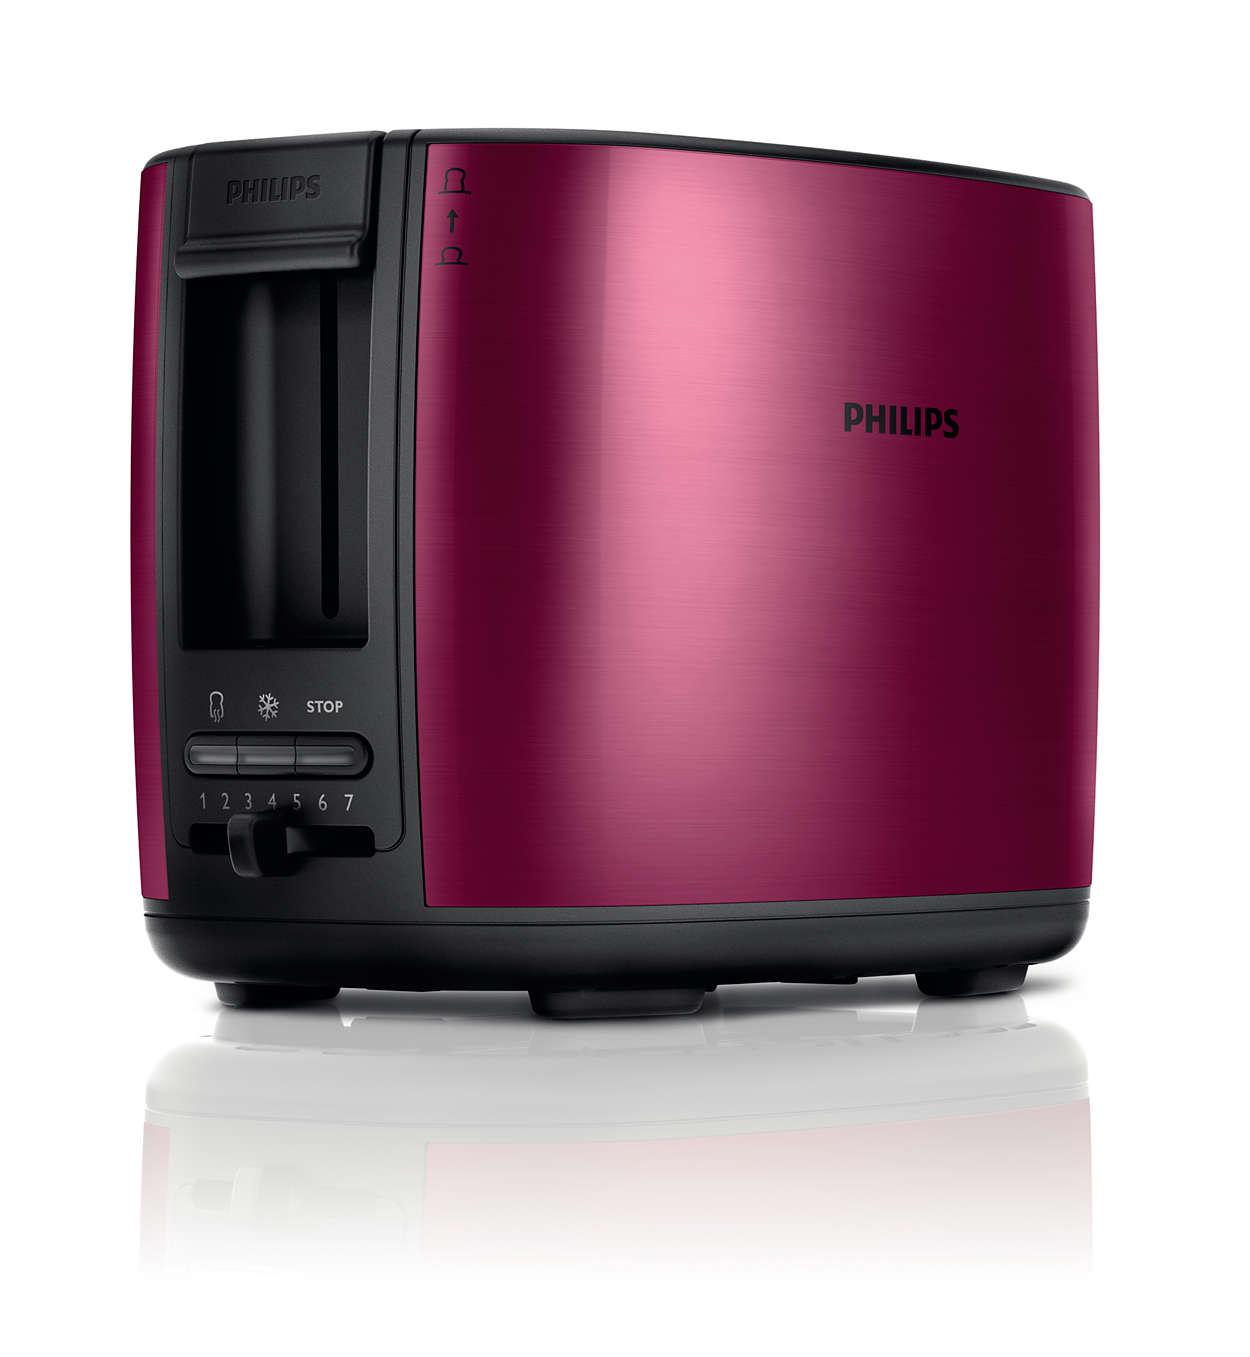 Philips Toaster Avance Collection HD2628 (Auftau und Aufwärmfunktion, inklusiv Brötchenaufsatz, 950 W) für 18,96€ mit CorporateB!